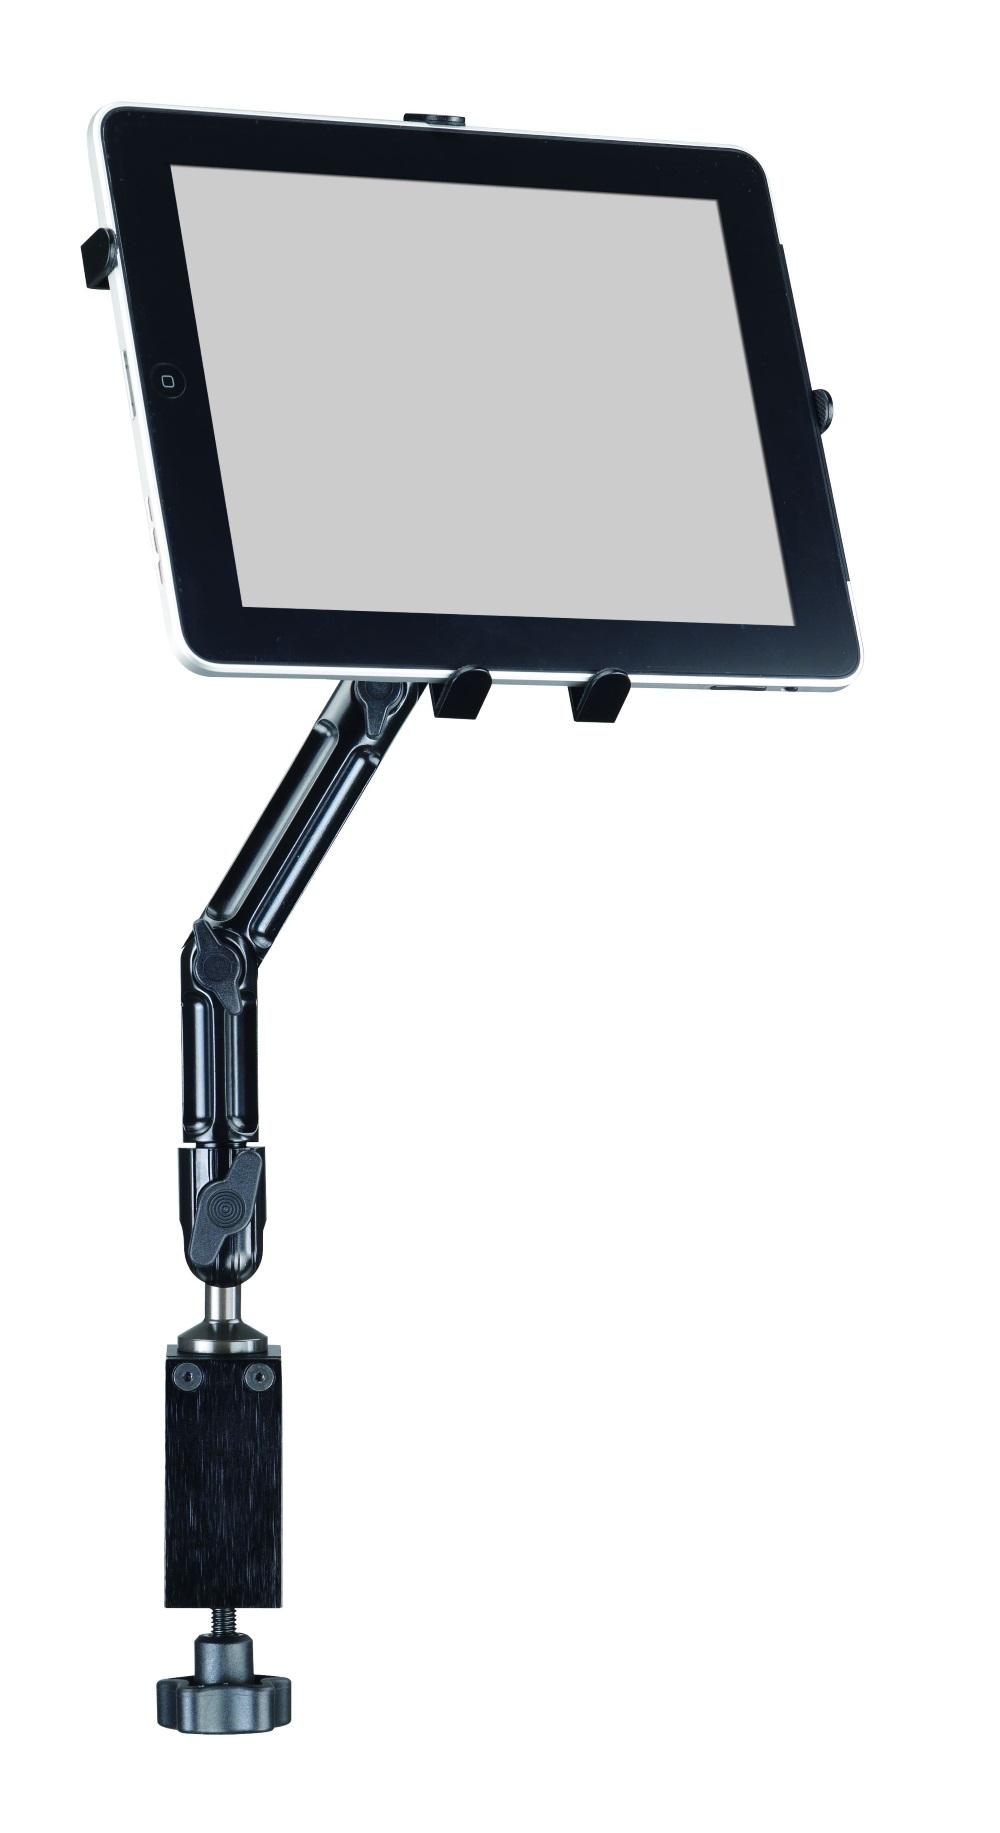 tisch halterung f r ipad galaxy tab tablet pc tischklemme infuu holders halterungen f r. Black Bedroom Furniture Sets. Home Design Ideas